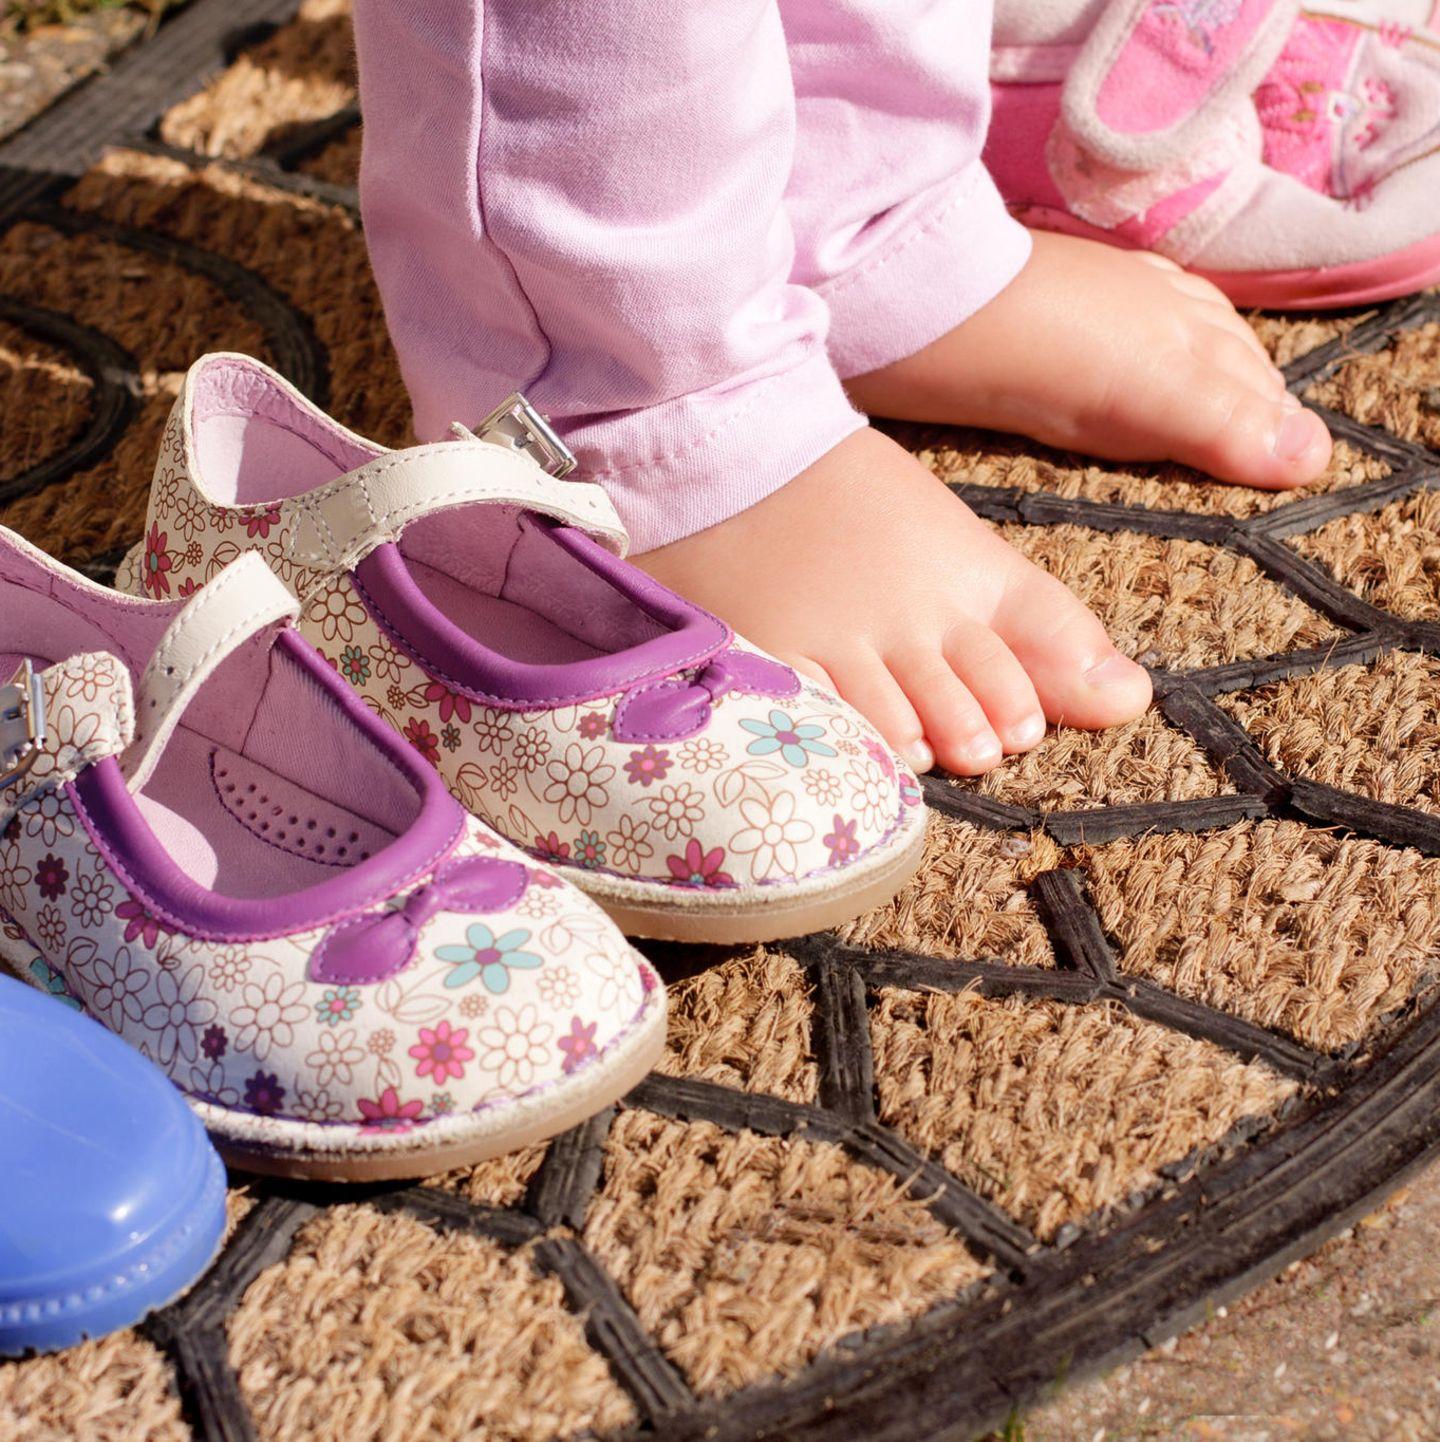 Kinderfüße nackt neben Schuhen